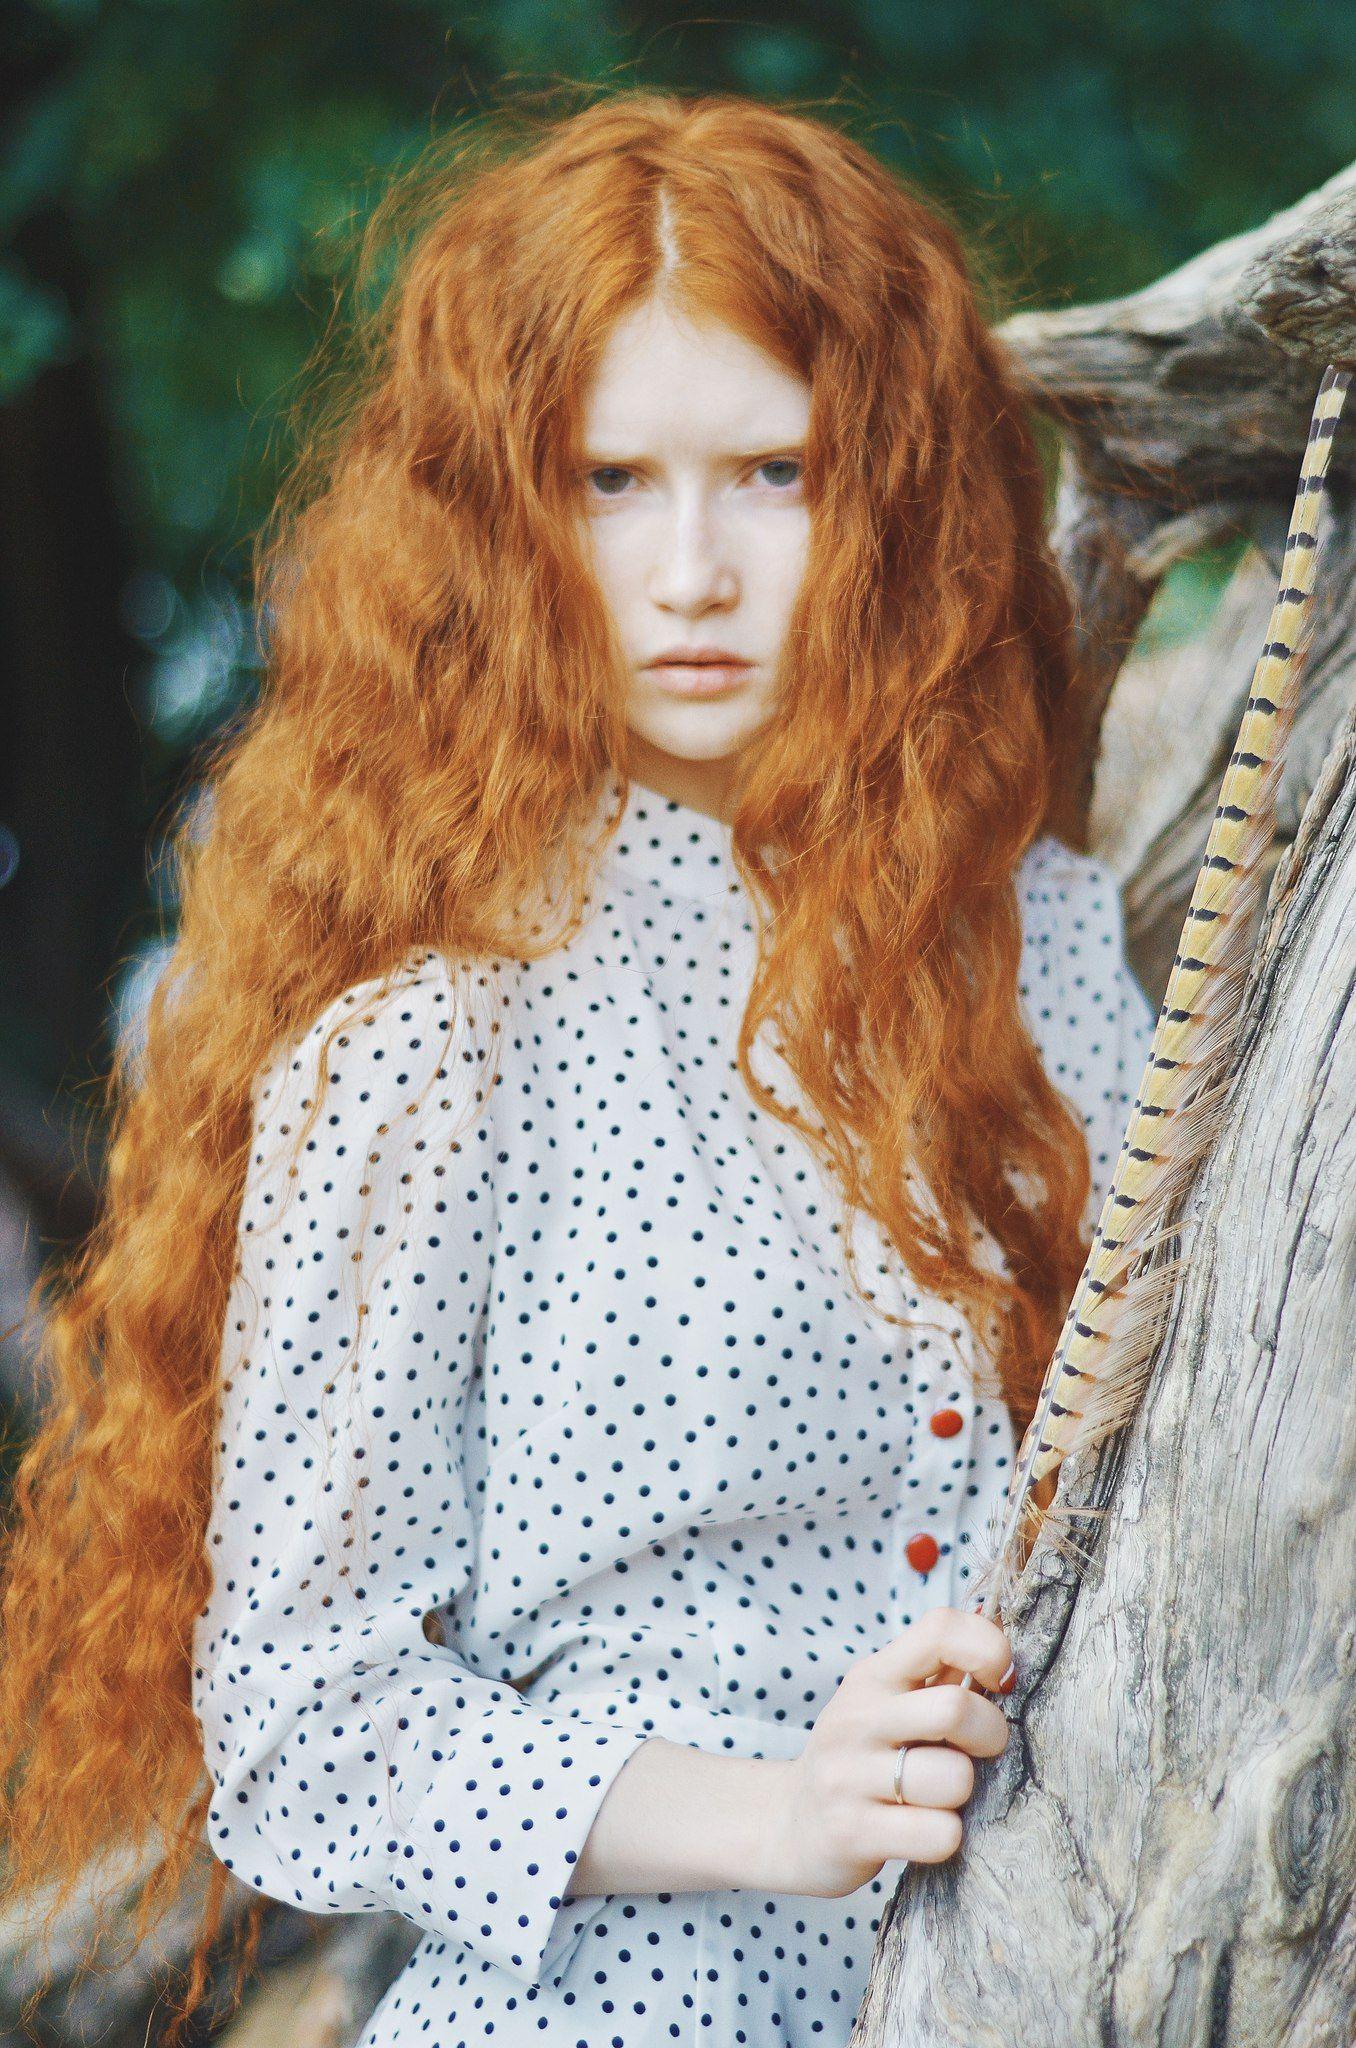 Kak Vyglyadyat Lyudi Mah In 2019 Red Hair Light Red Hair